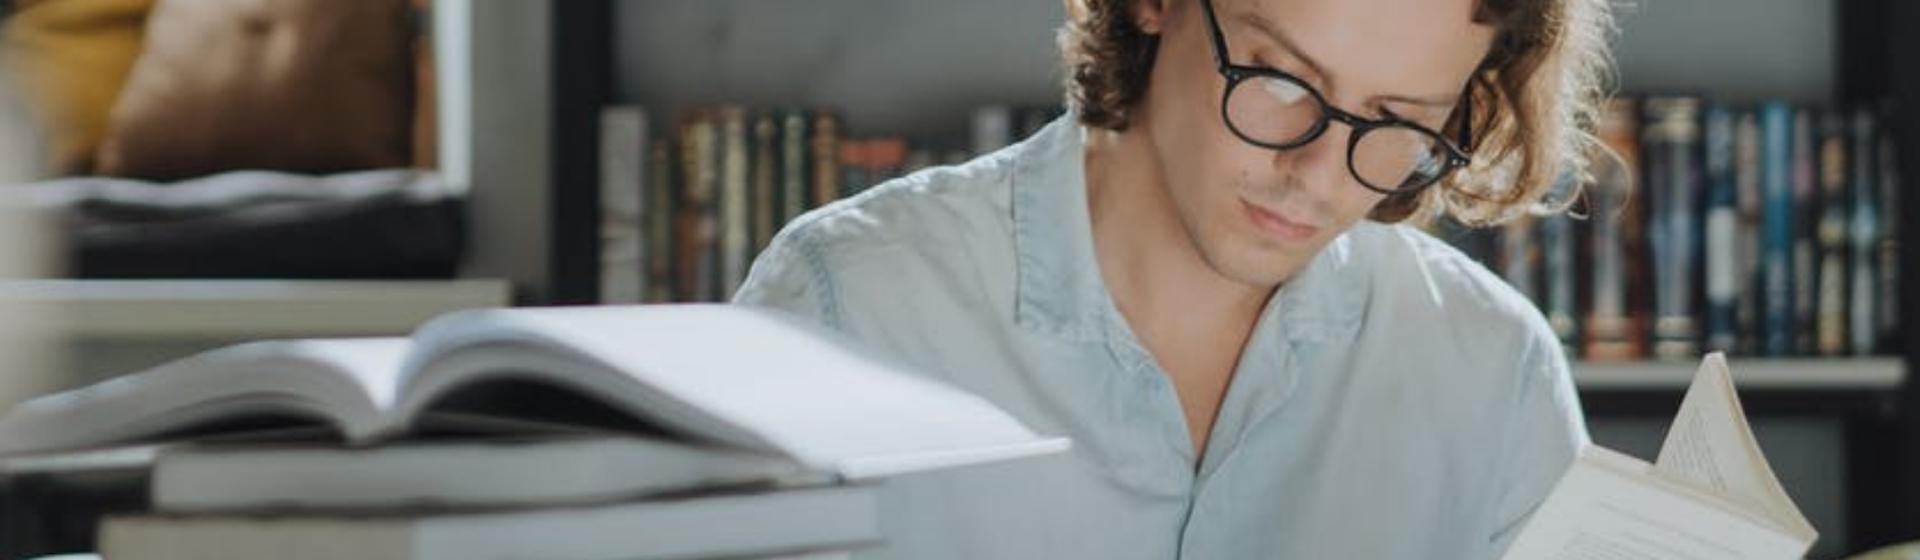 ¡Conoce las mejores técnicas de estudio para que los exámenes no sean un dolor de cabeza!